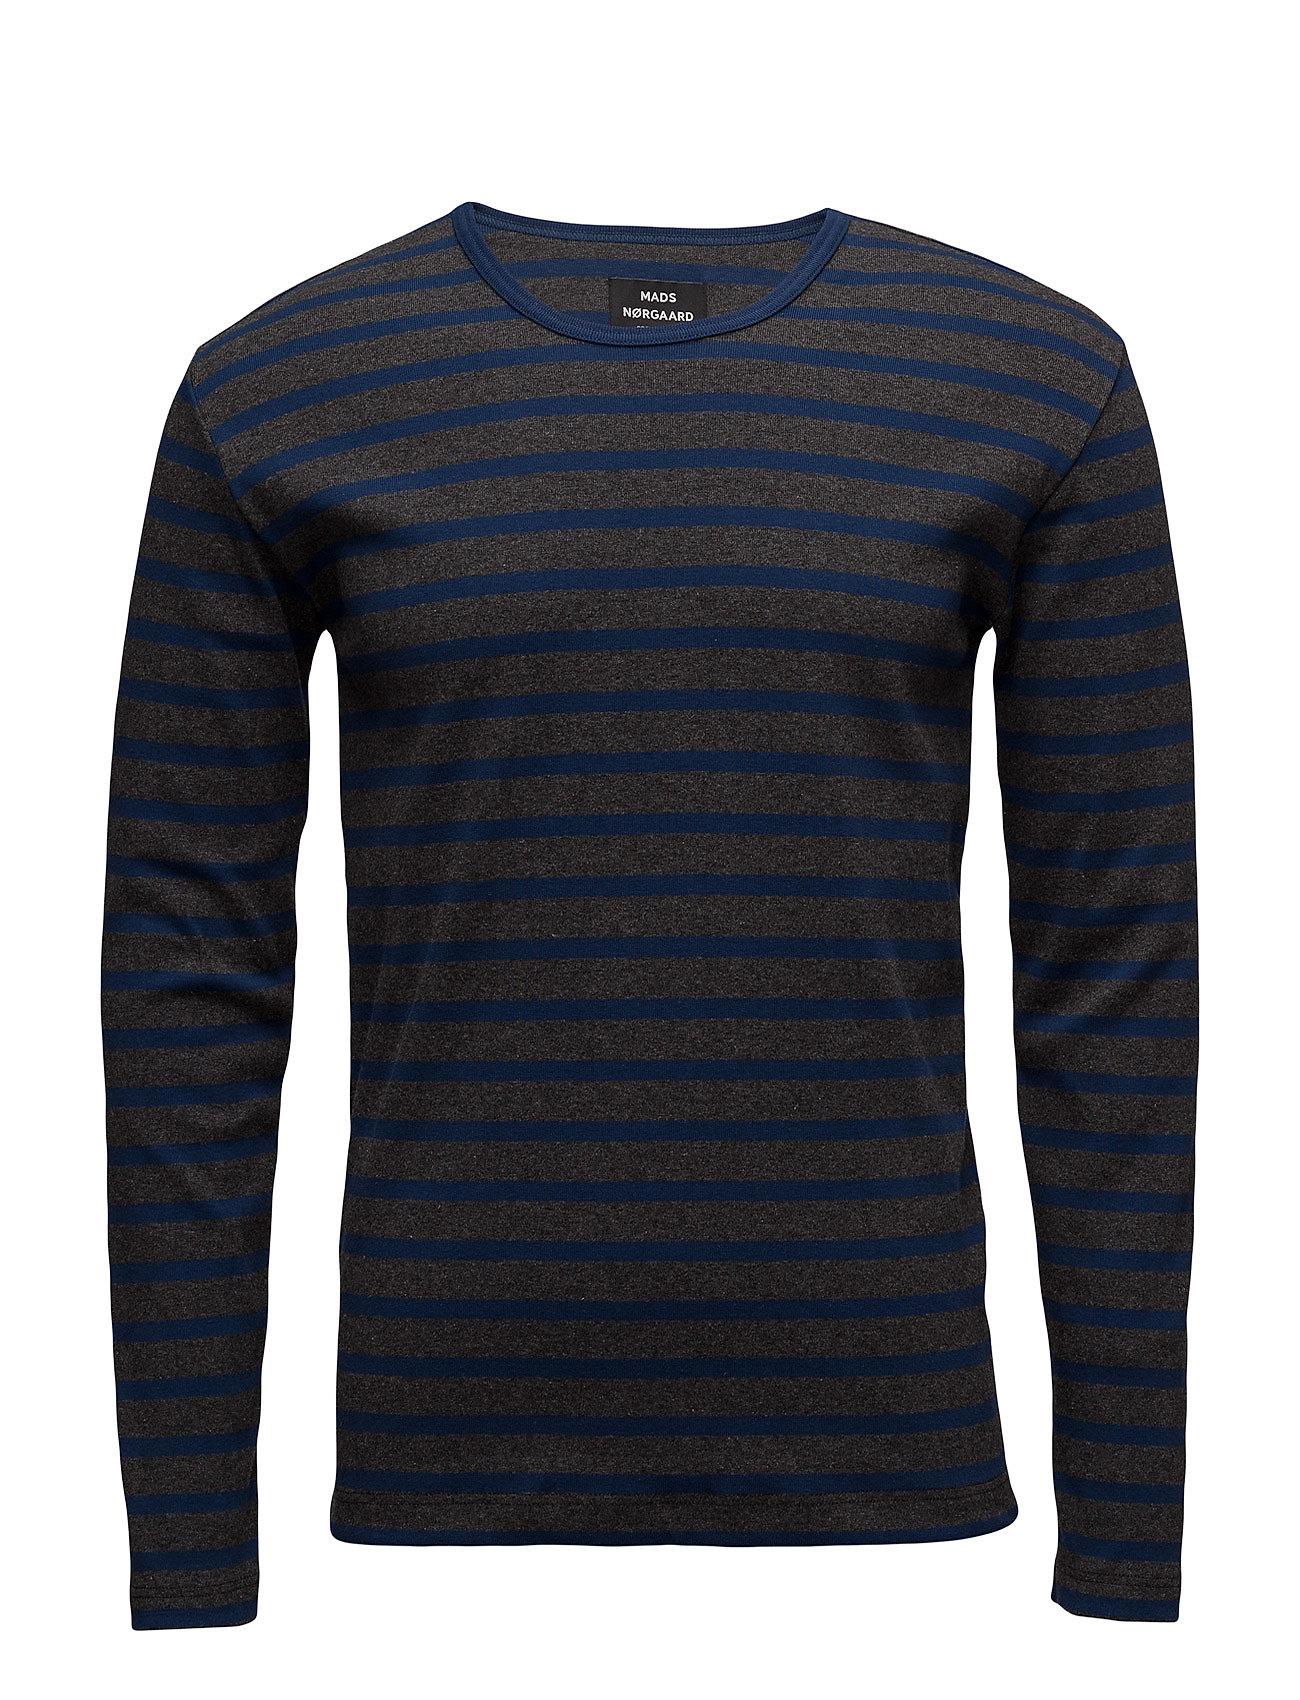 12a372bc4ec Køb Trio Rib Tobias Long 17-1 Mads Nørgaard T-shirts i til Mænd i en online  modebutik